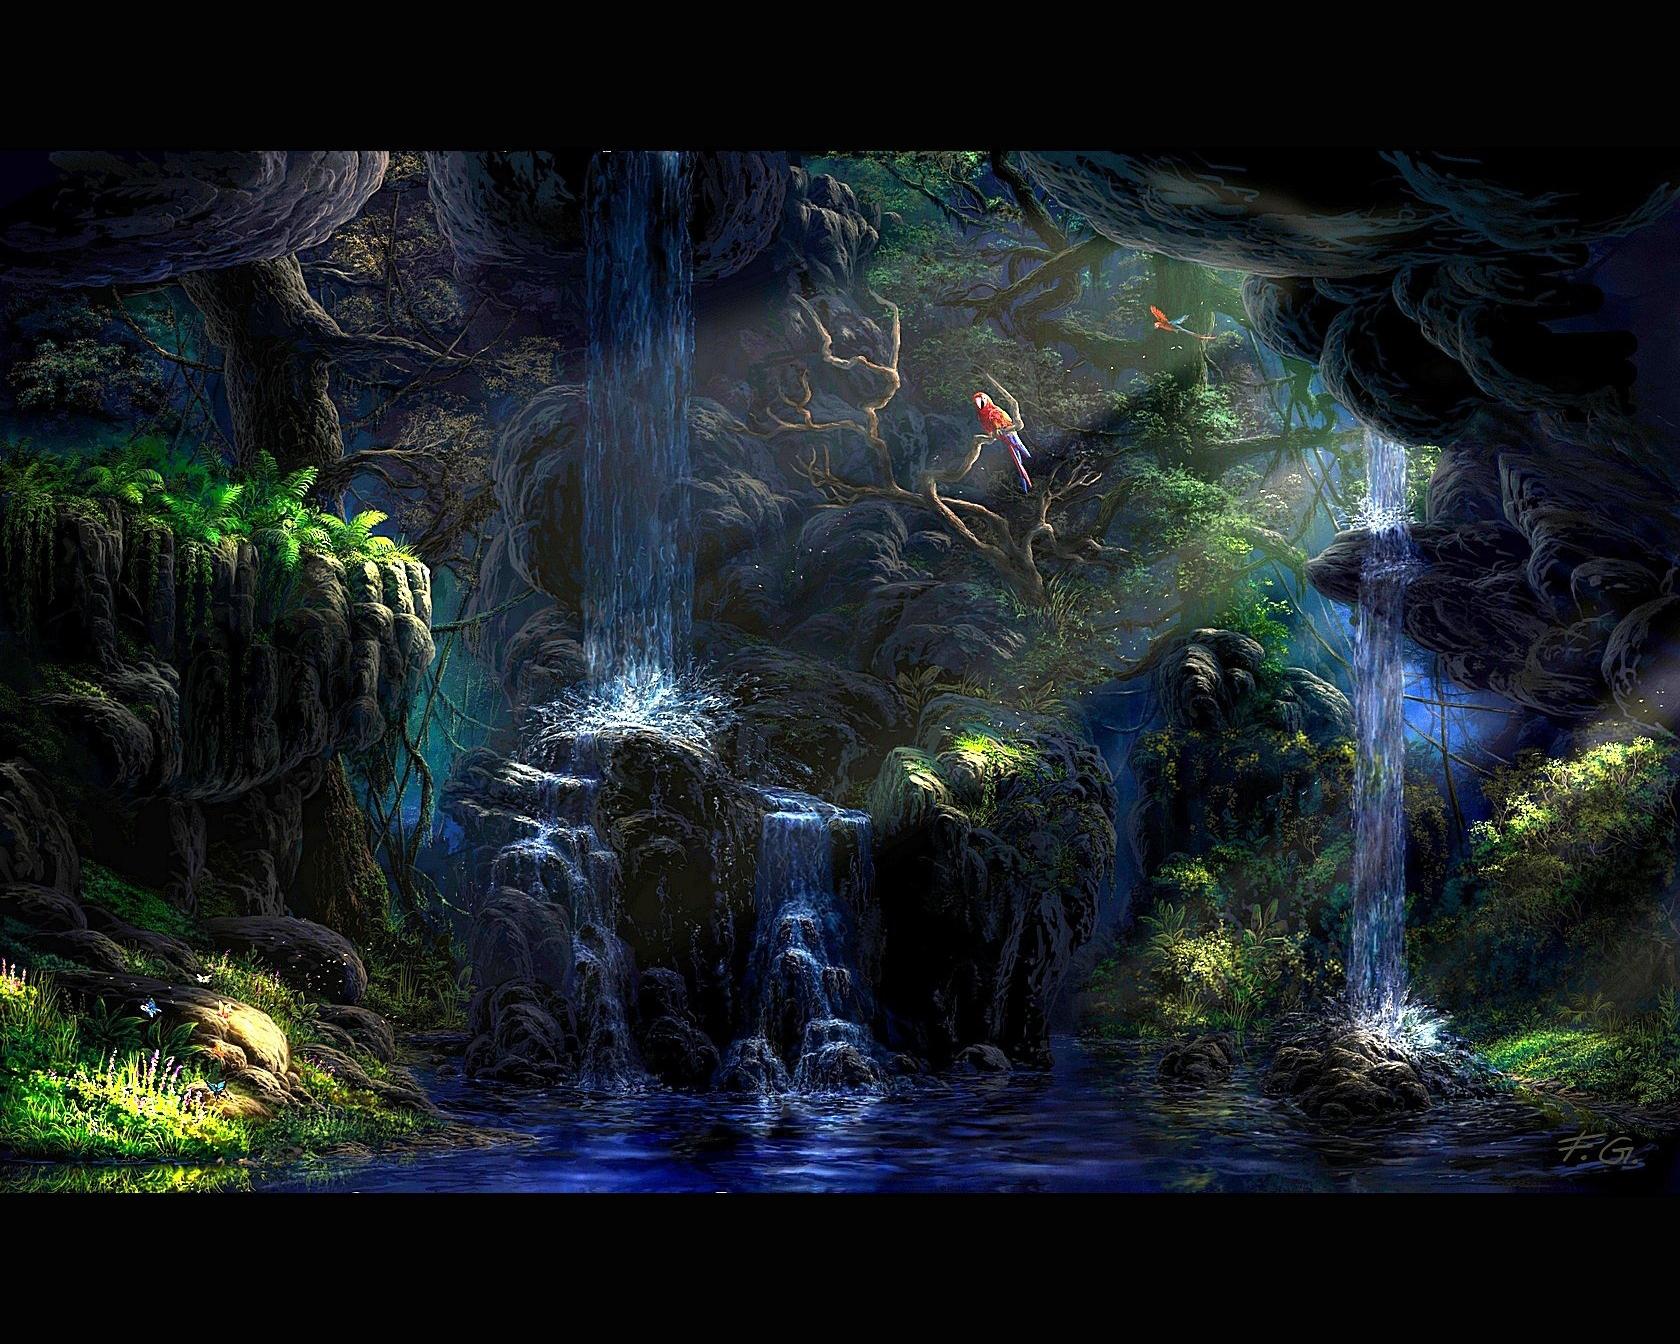 Водопад из картины бесплатно